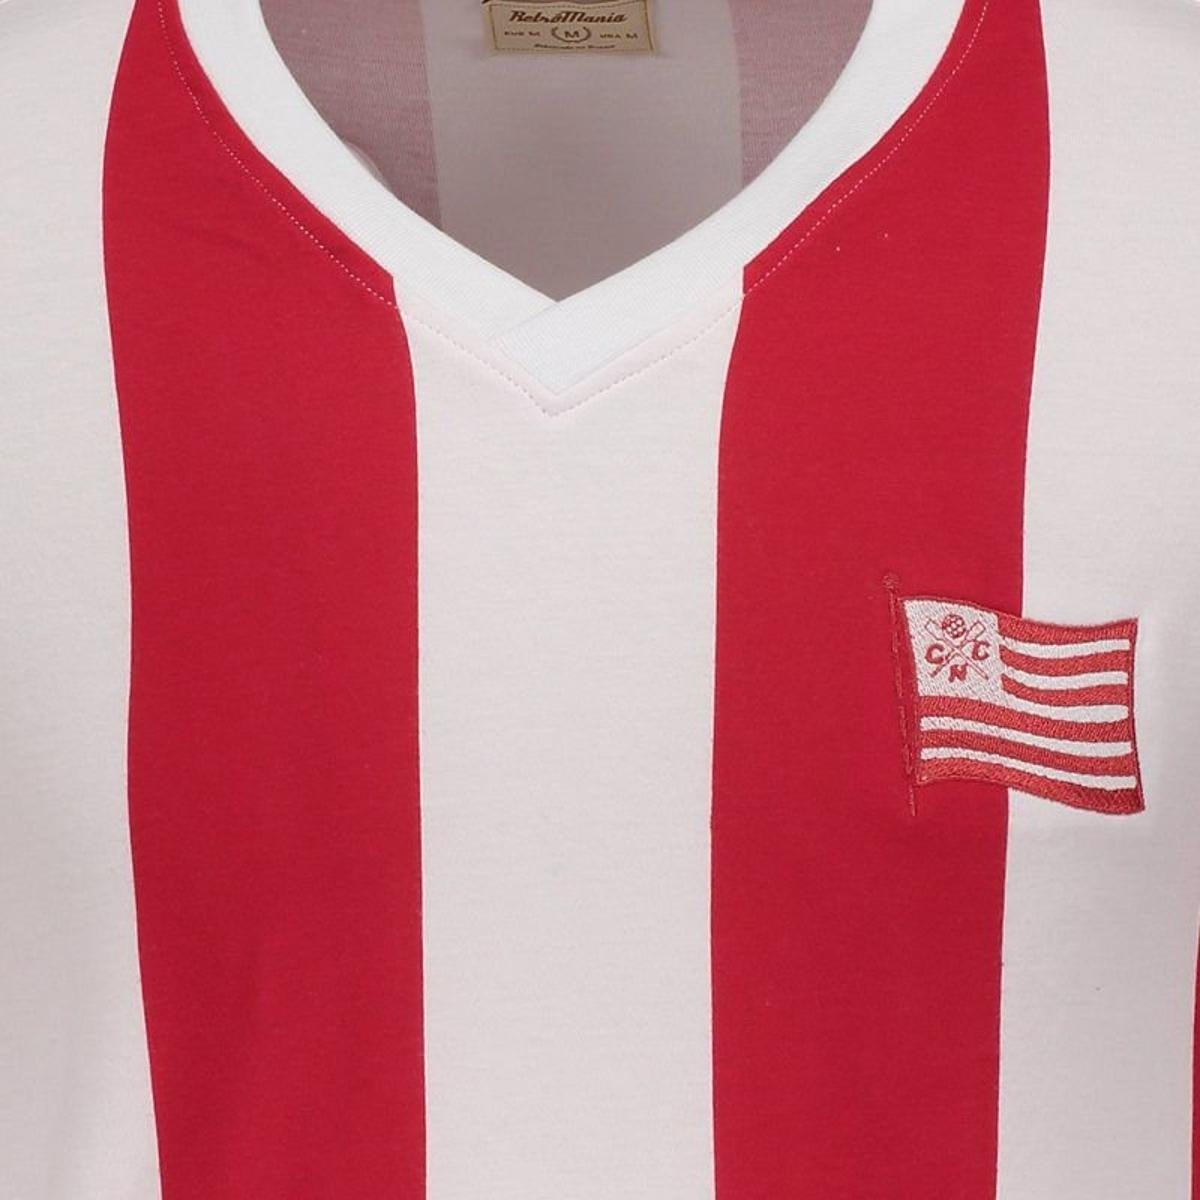 Camisa Retrômania Náutico 1968 Masculina - Branco - Compre Agora ... 4e1b8512808aa